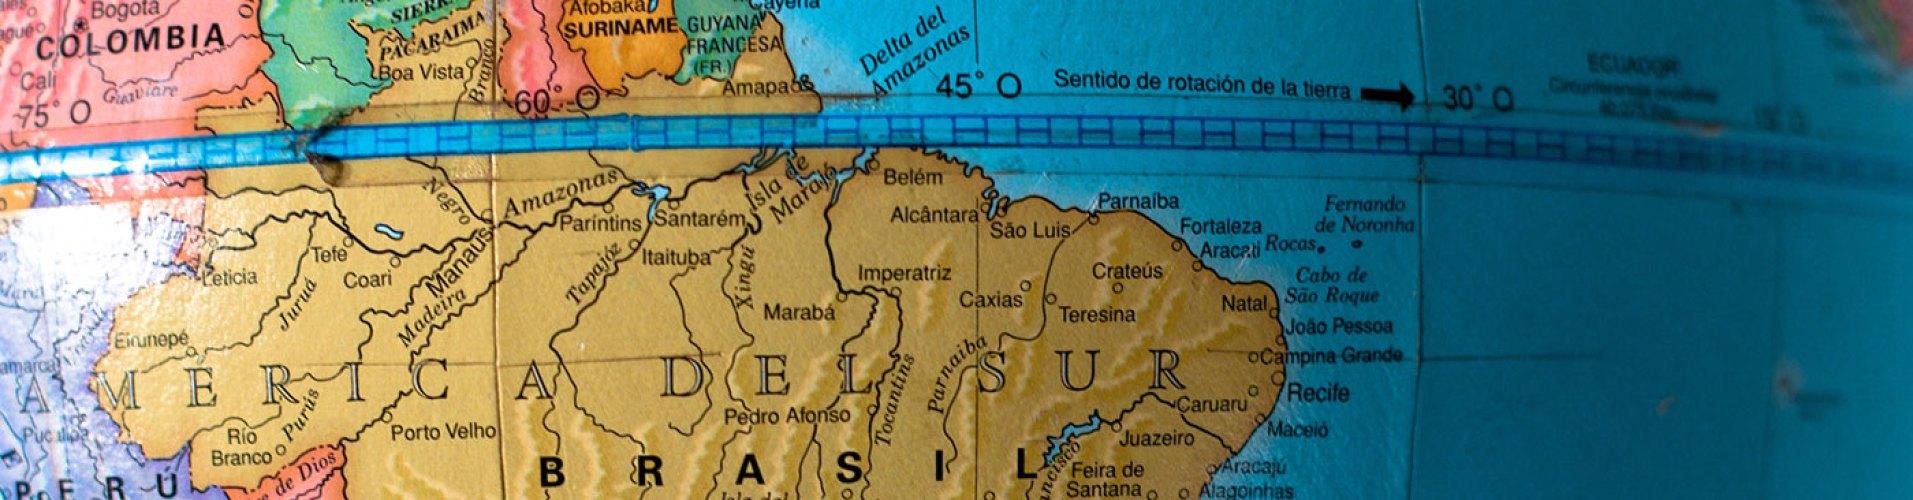 Sudamérica imagen ubicación